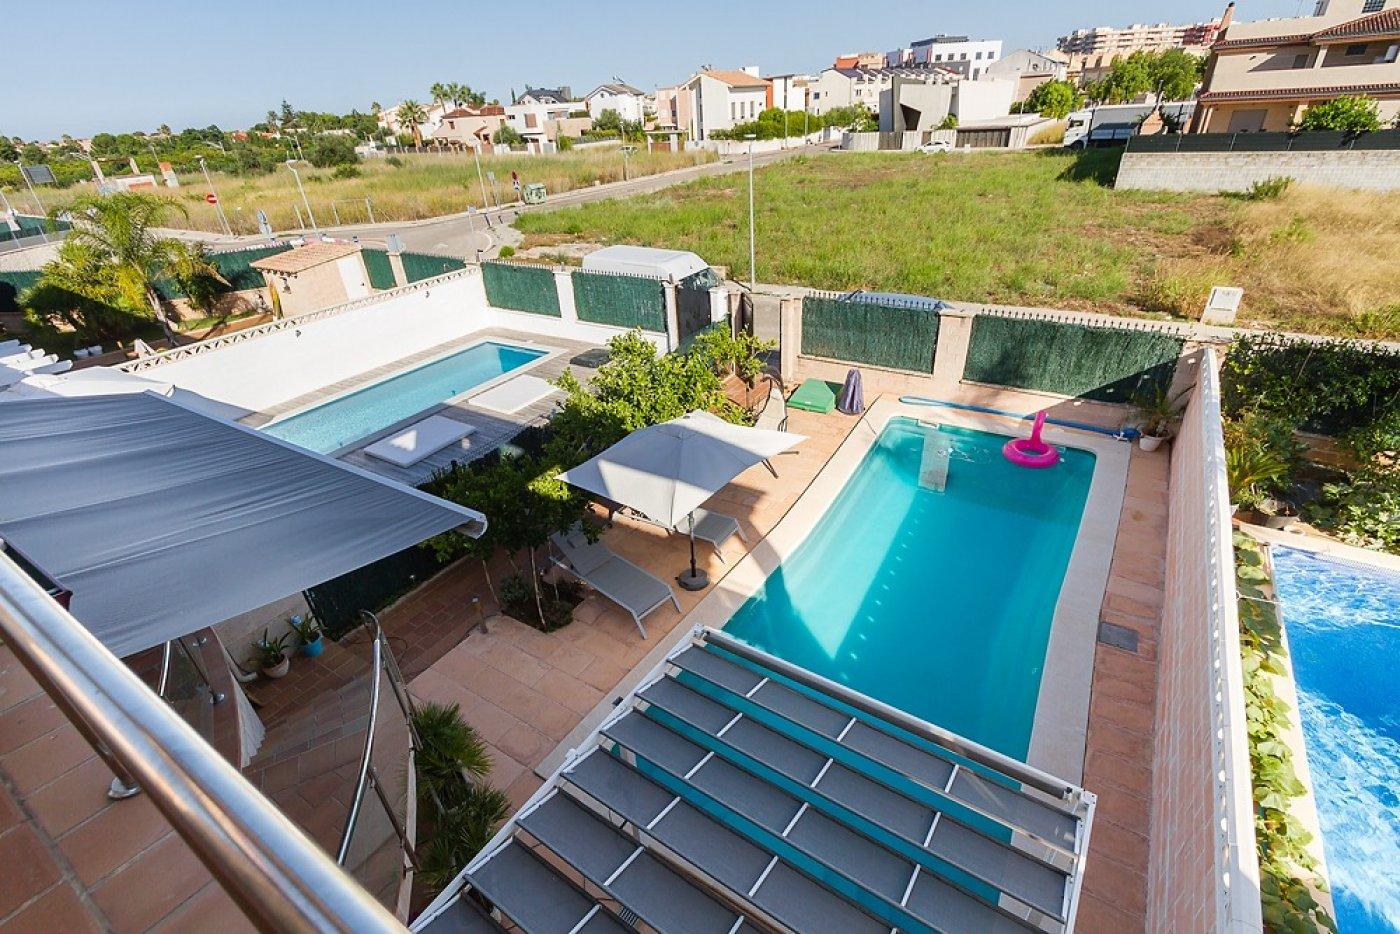 Fantástica casa de lujo en gandía con piscina, terraza y vivienda de inivtados. - imagenInmueble33